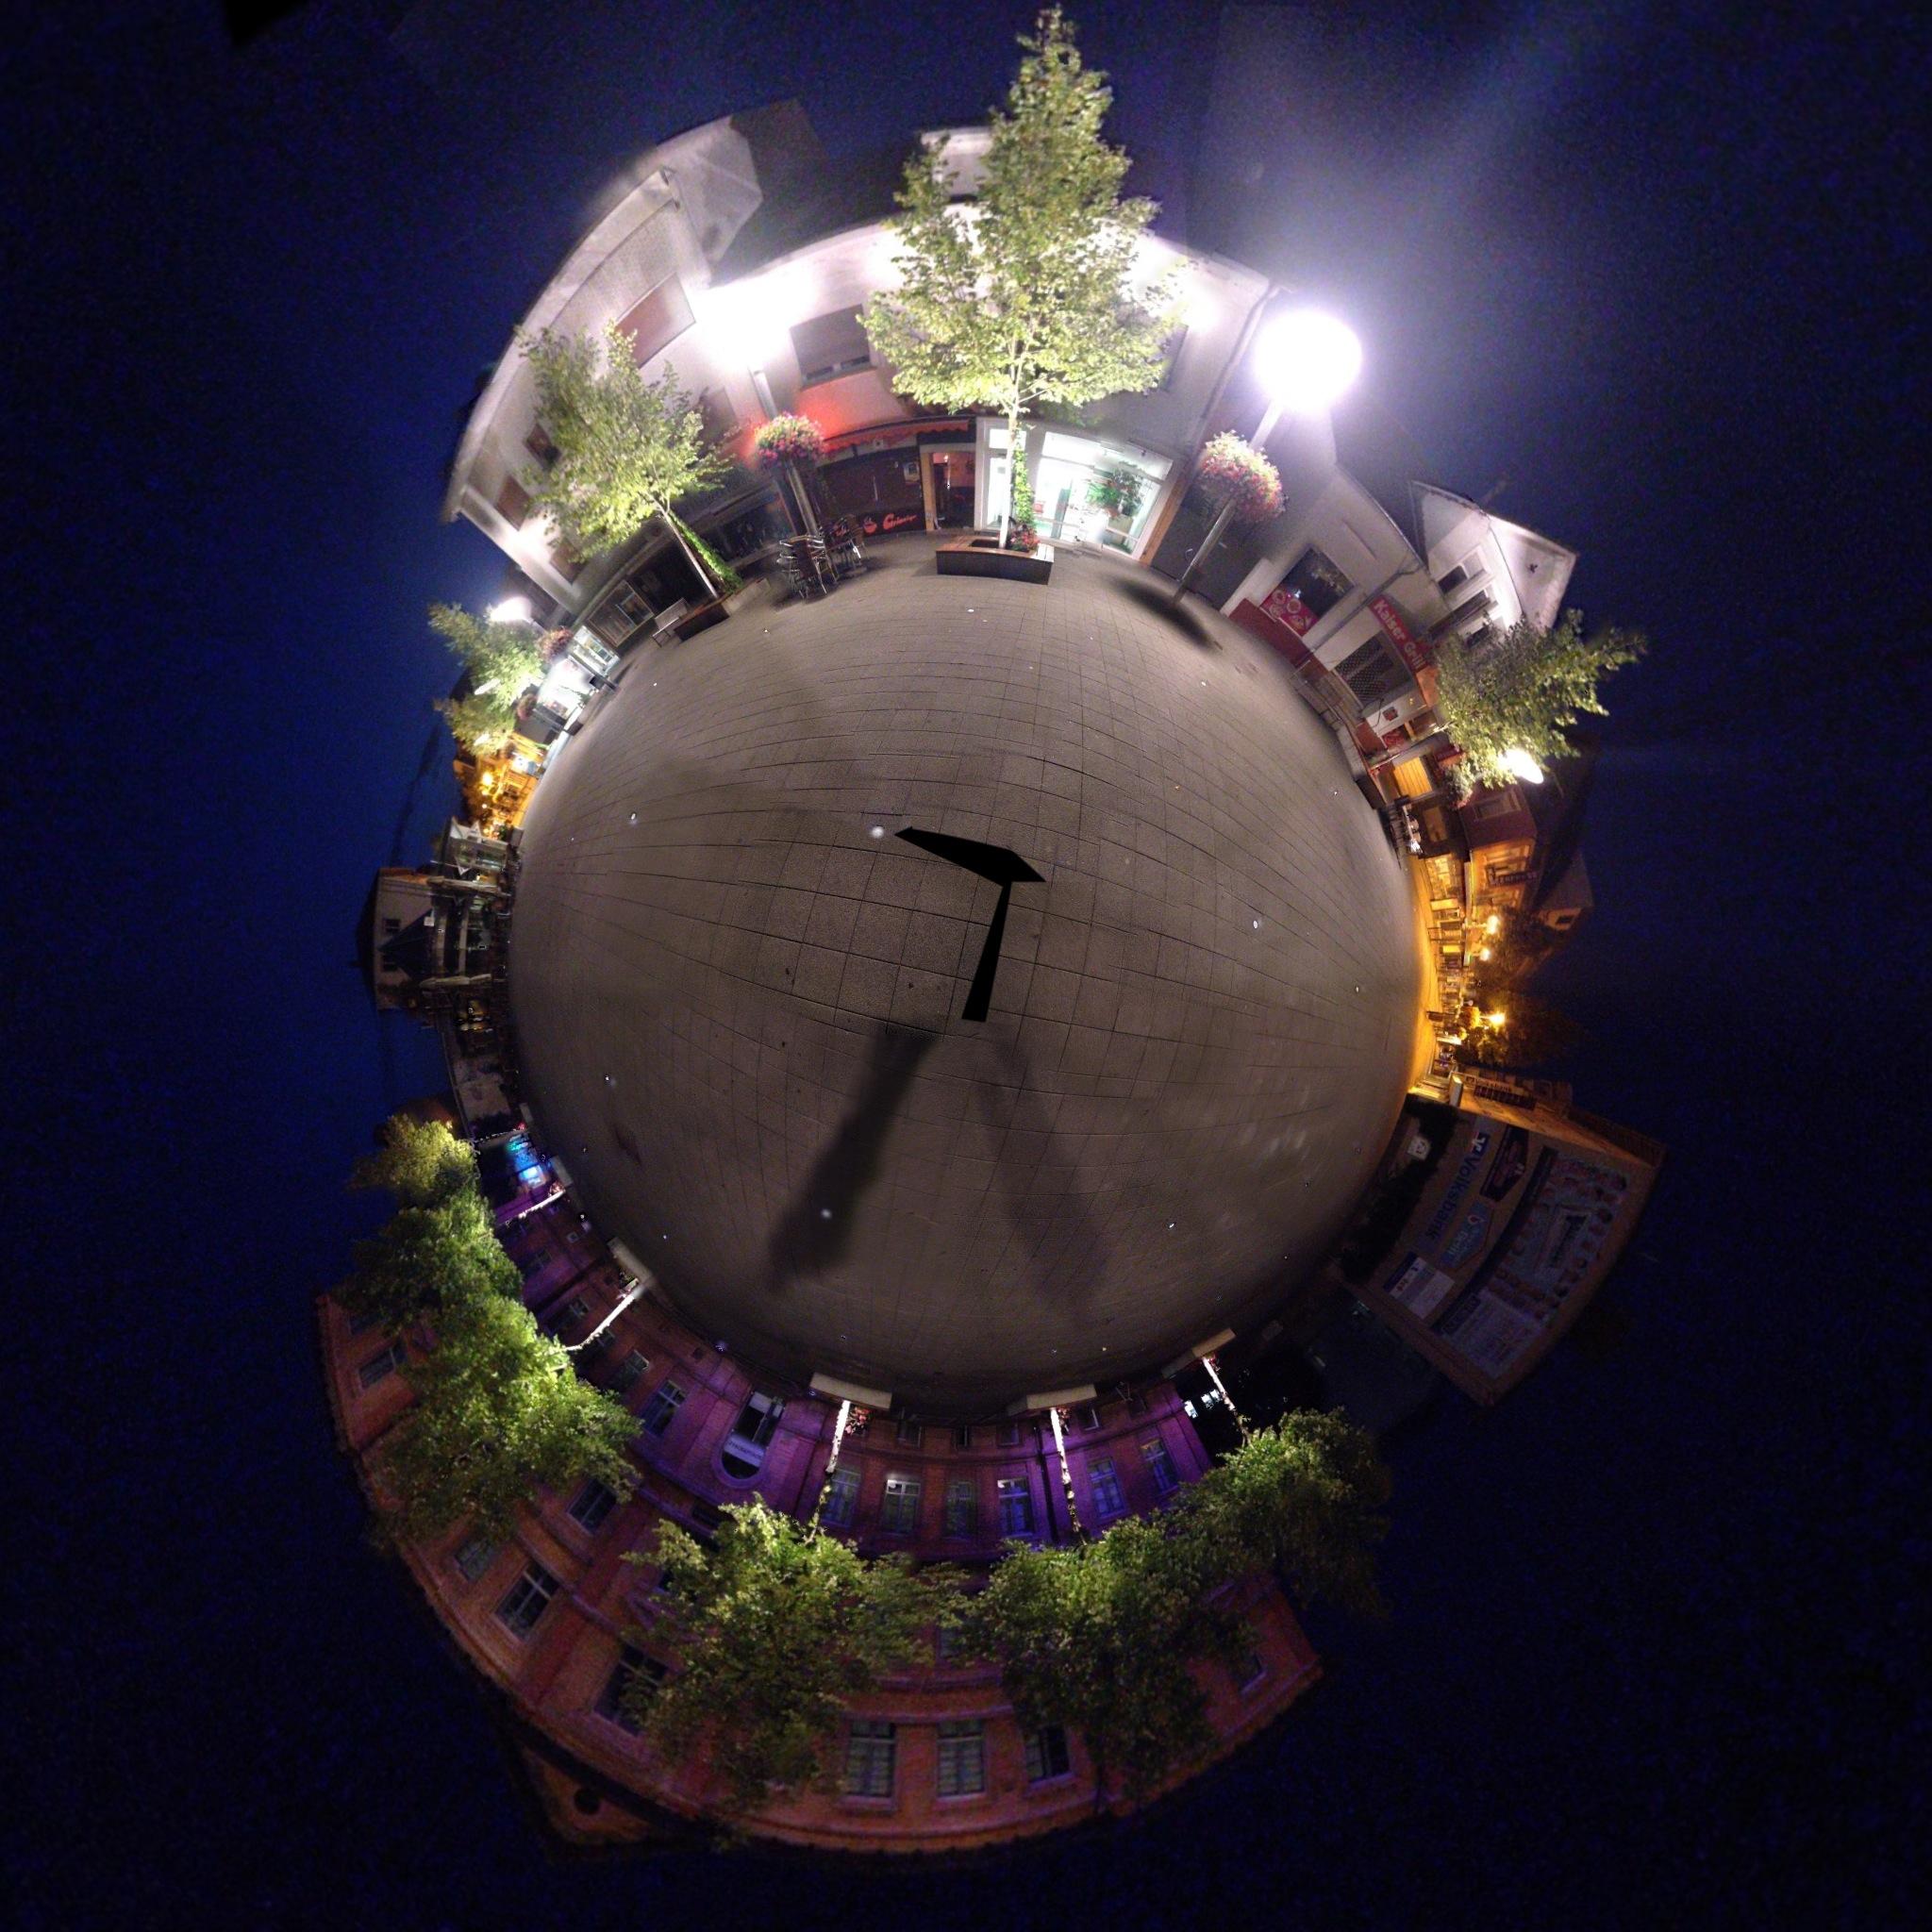 360Grad Foto vom Schillerplatz in Lampertheim am frühen Morgen